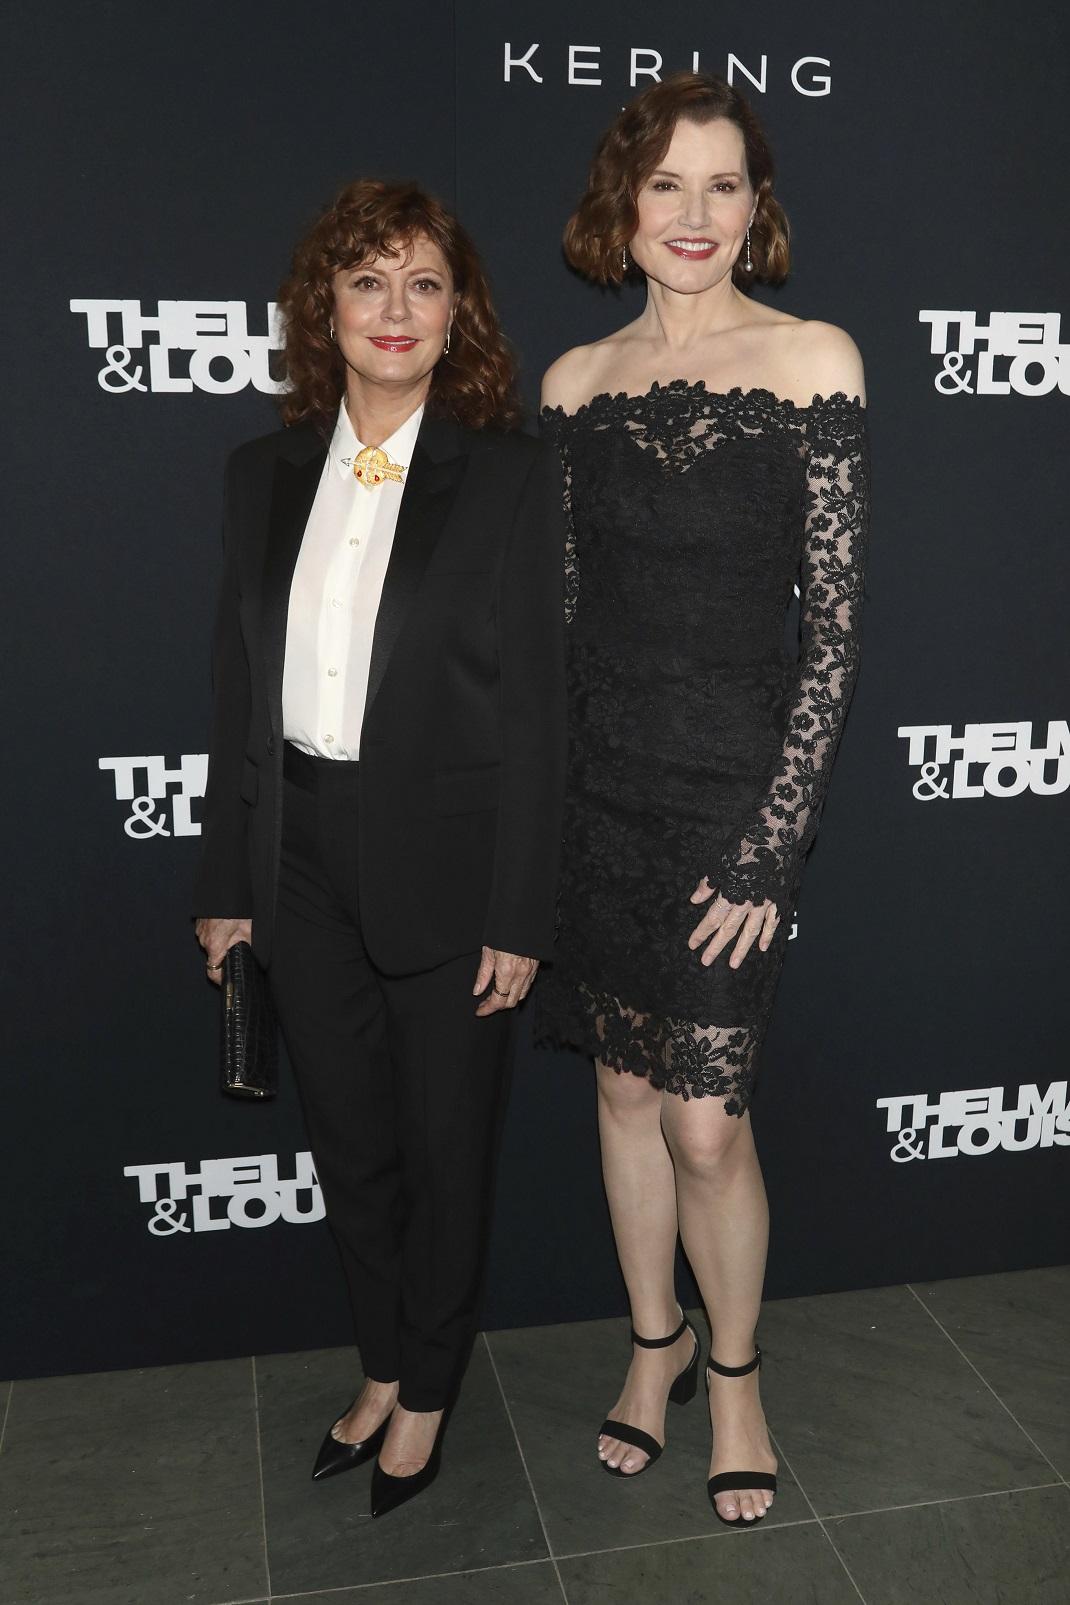 Η Τζίνα Ντέιβις με μαύρο φόρεμα και η Σούζαν Σαράντον με μαύρο κοστούμι